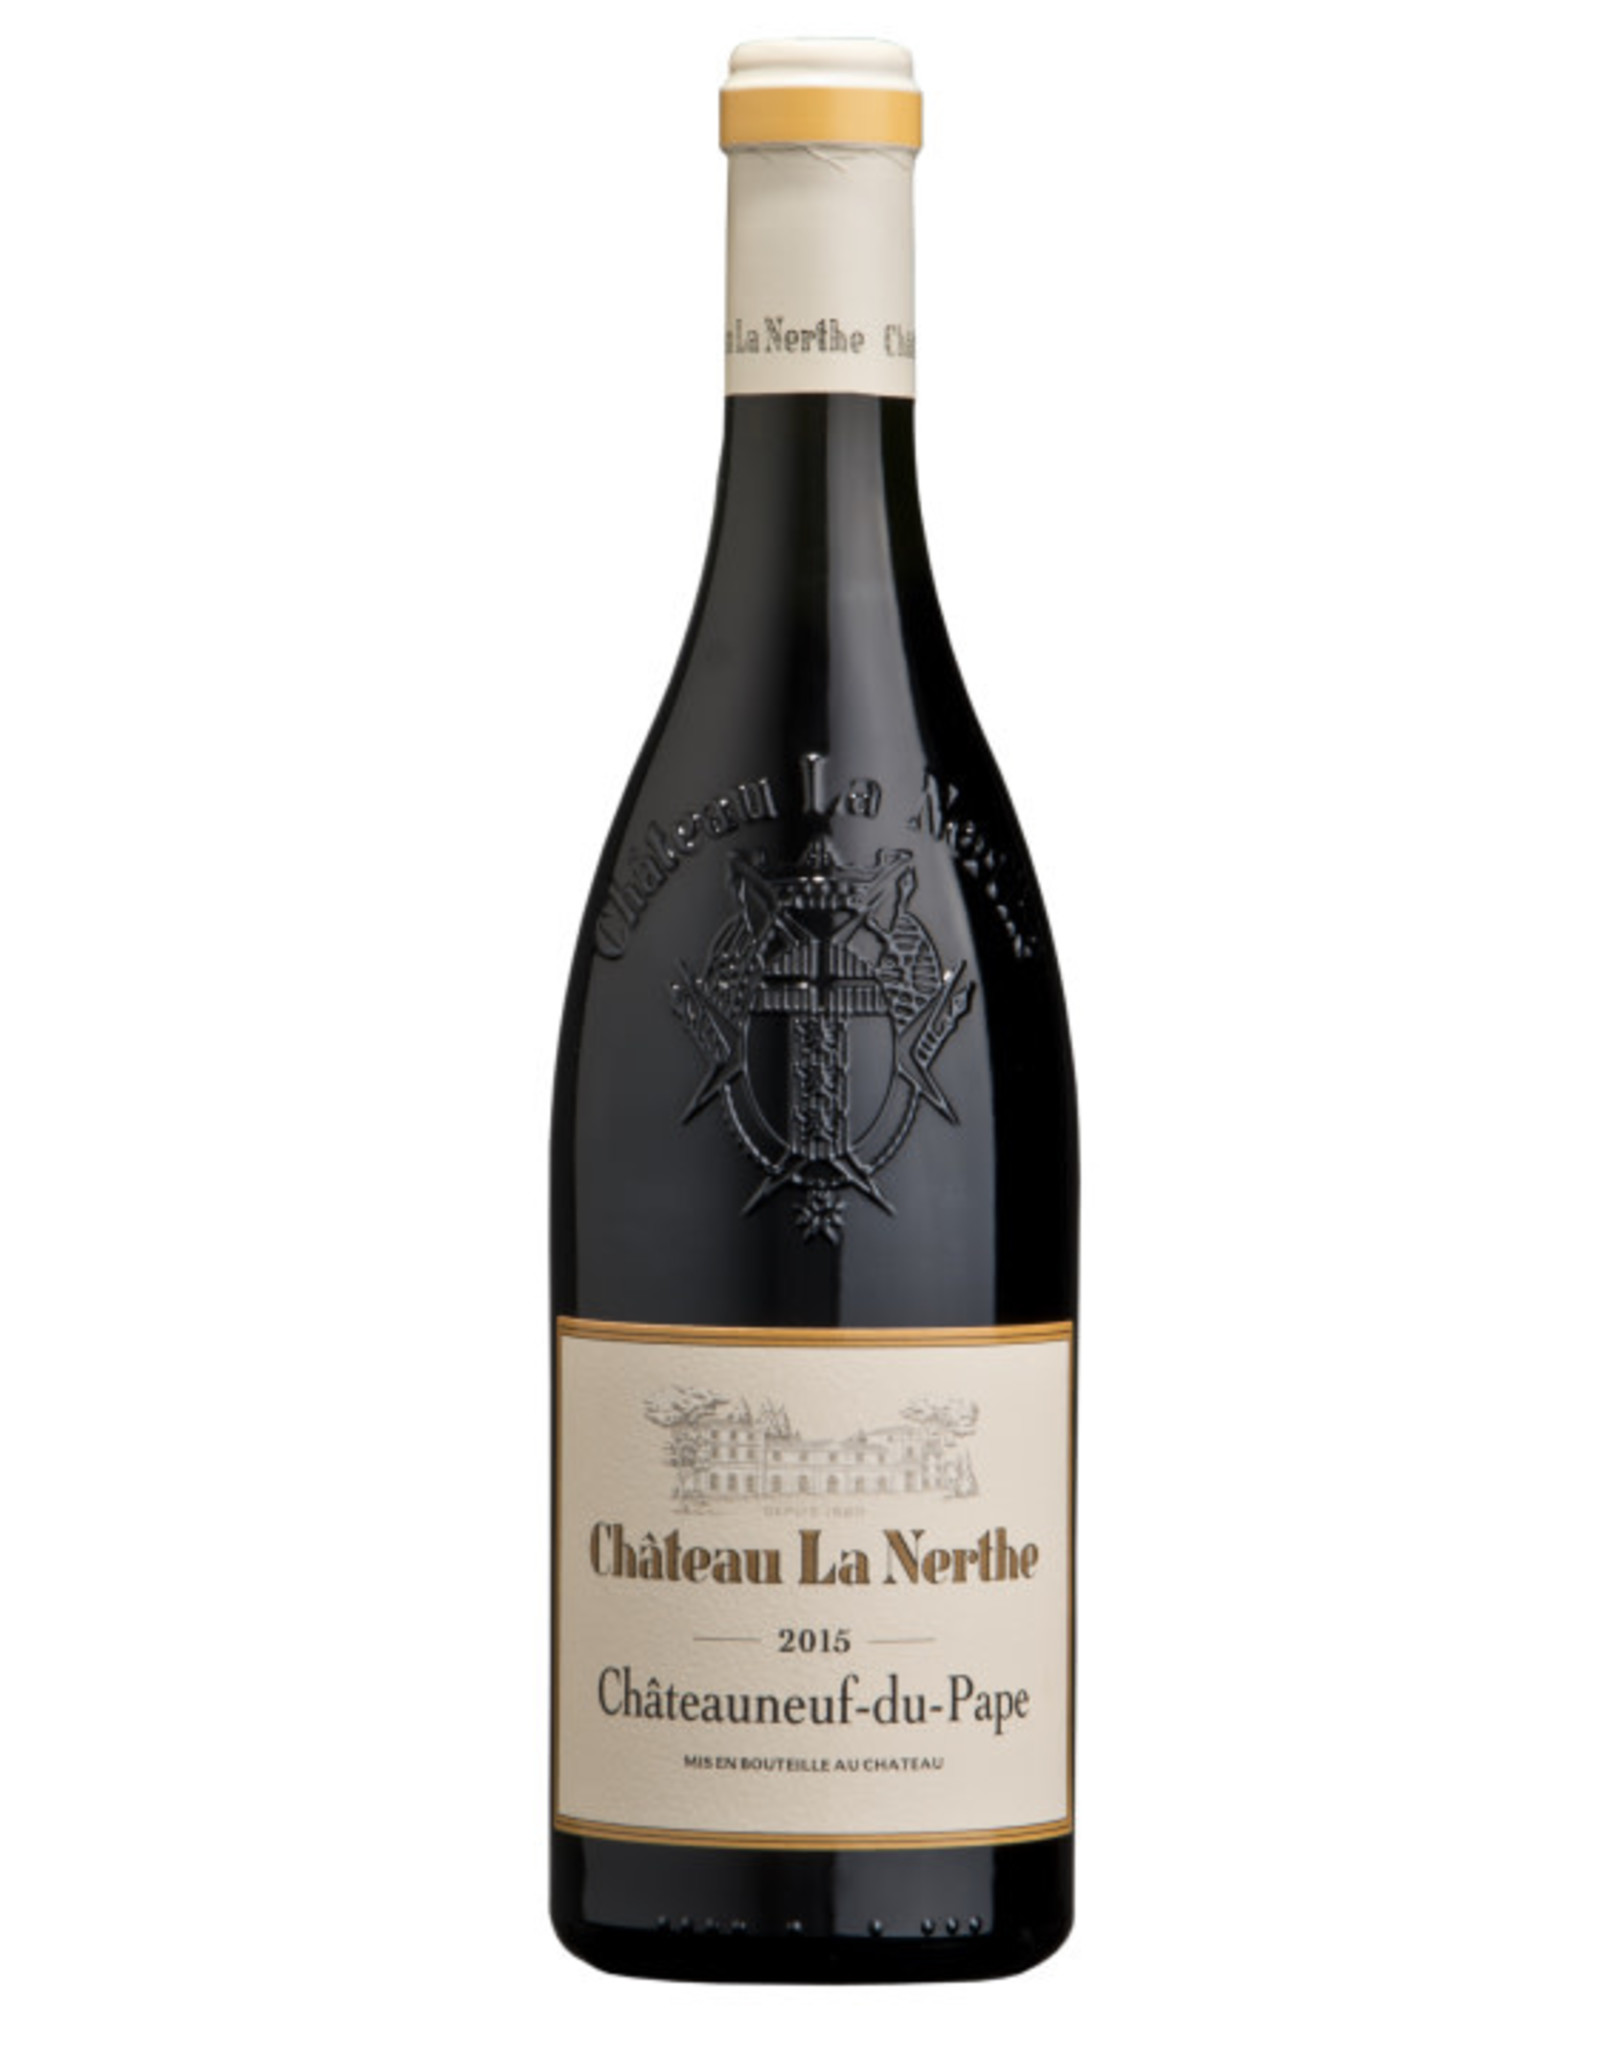 Chateau La Nerthe Chateauneuf-du-Pape Rhone 2015